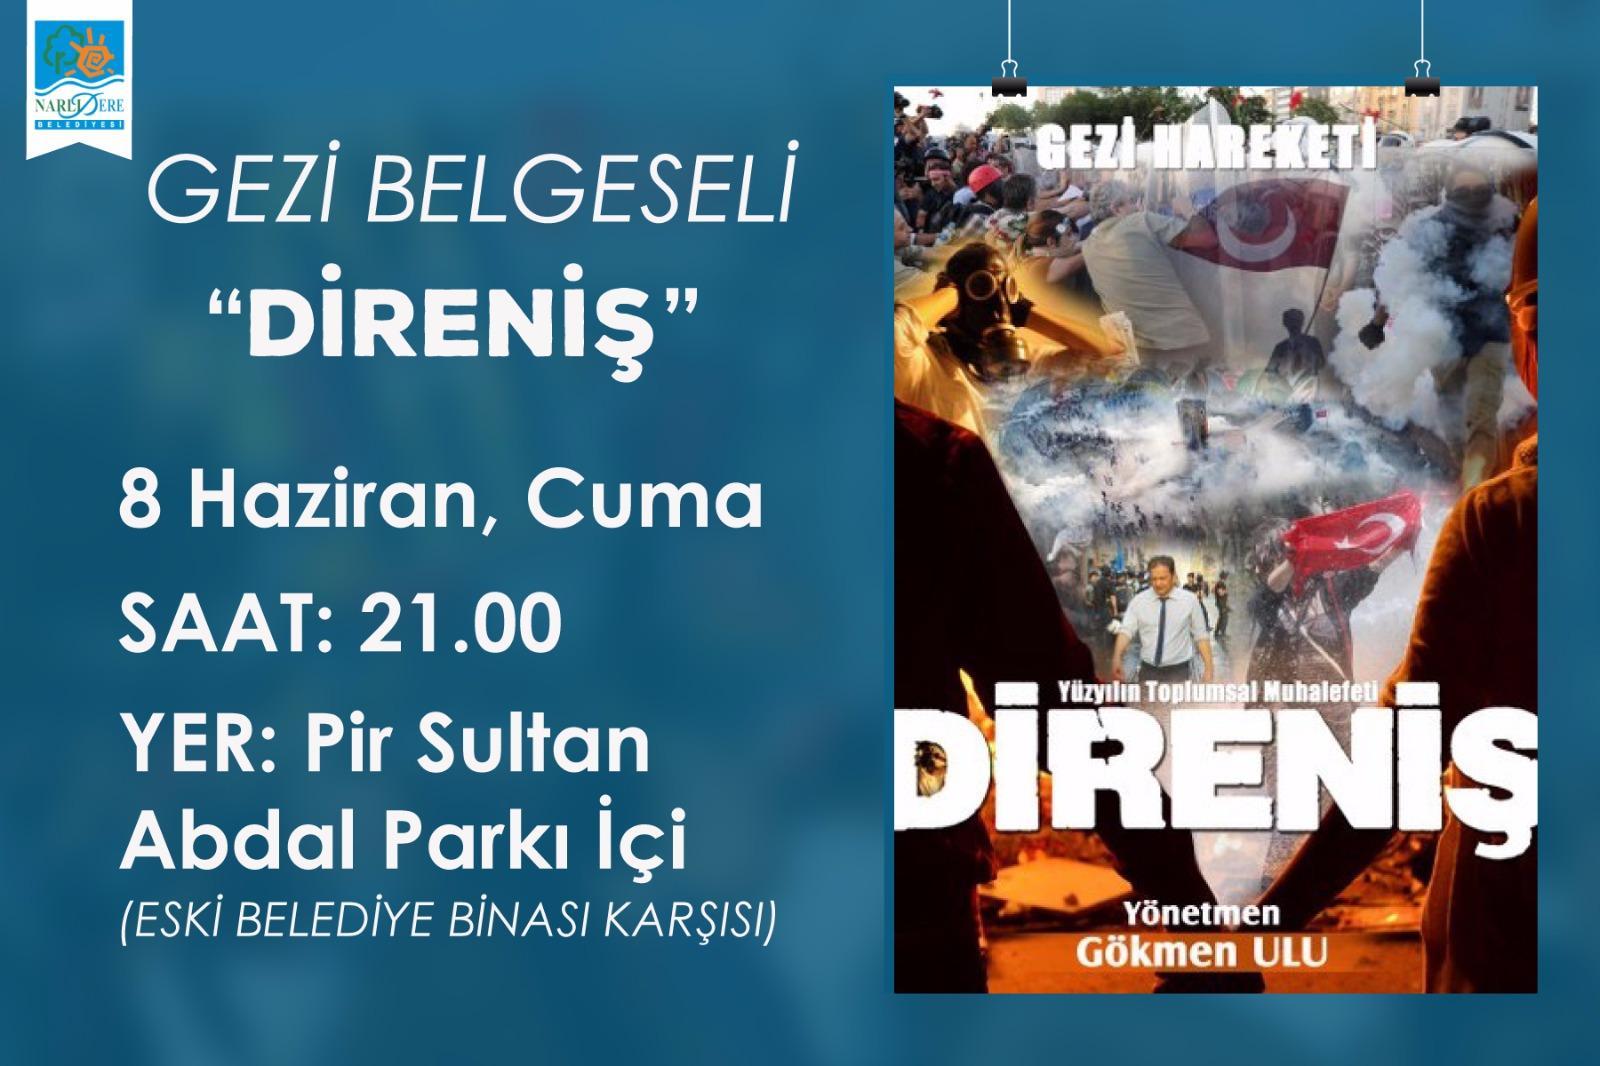 GEZİ'NİN BELGESELİ 'DİRENİŞ' NARLIDERE'DE